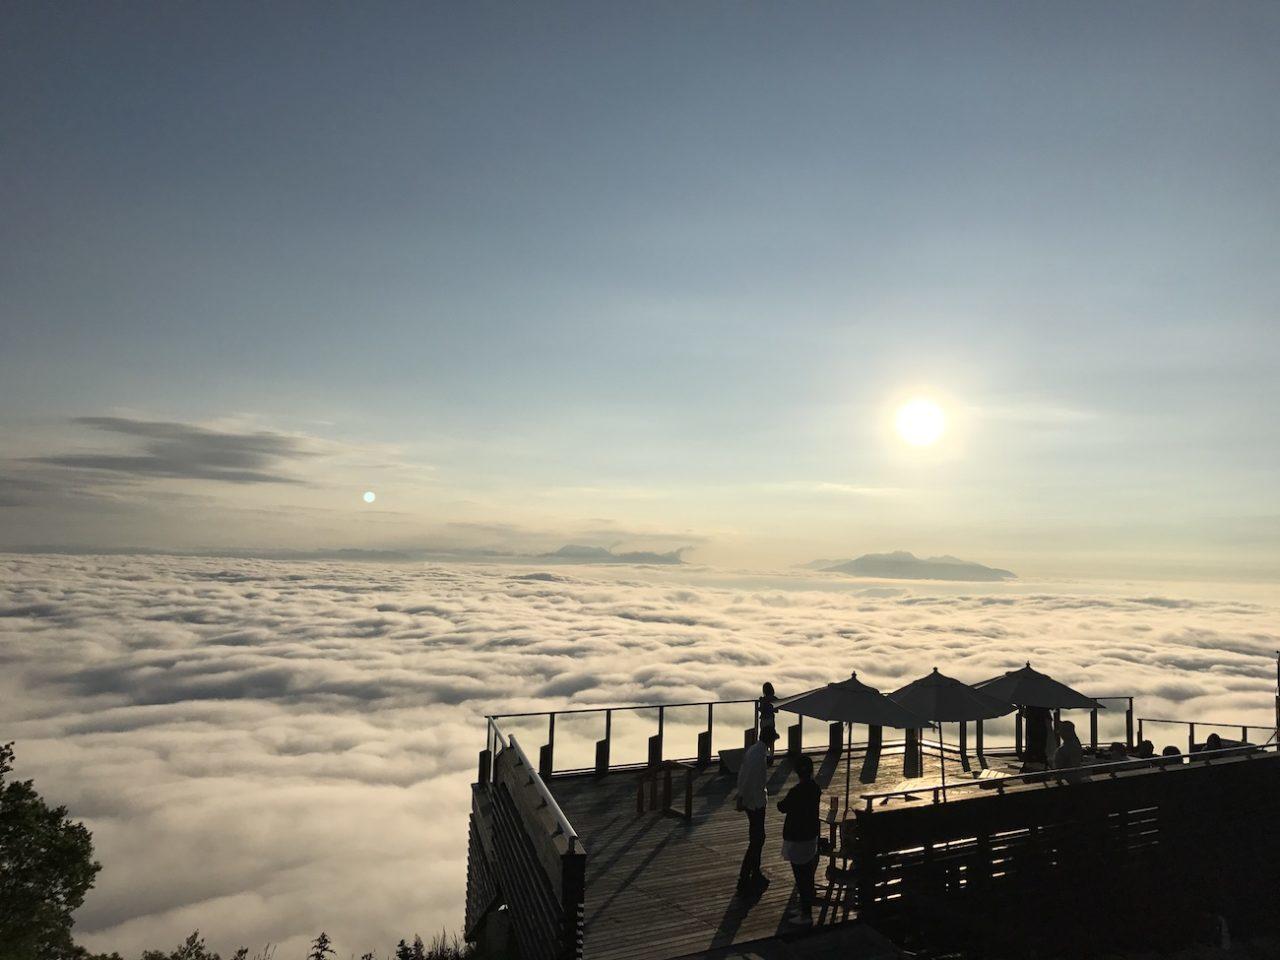 ソラテラスからの雲海